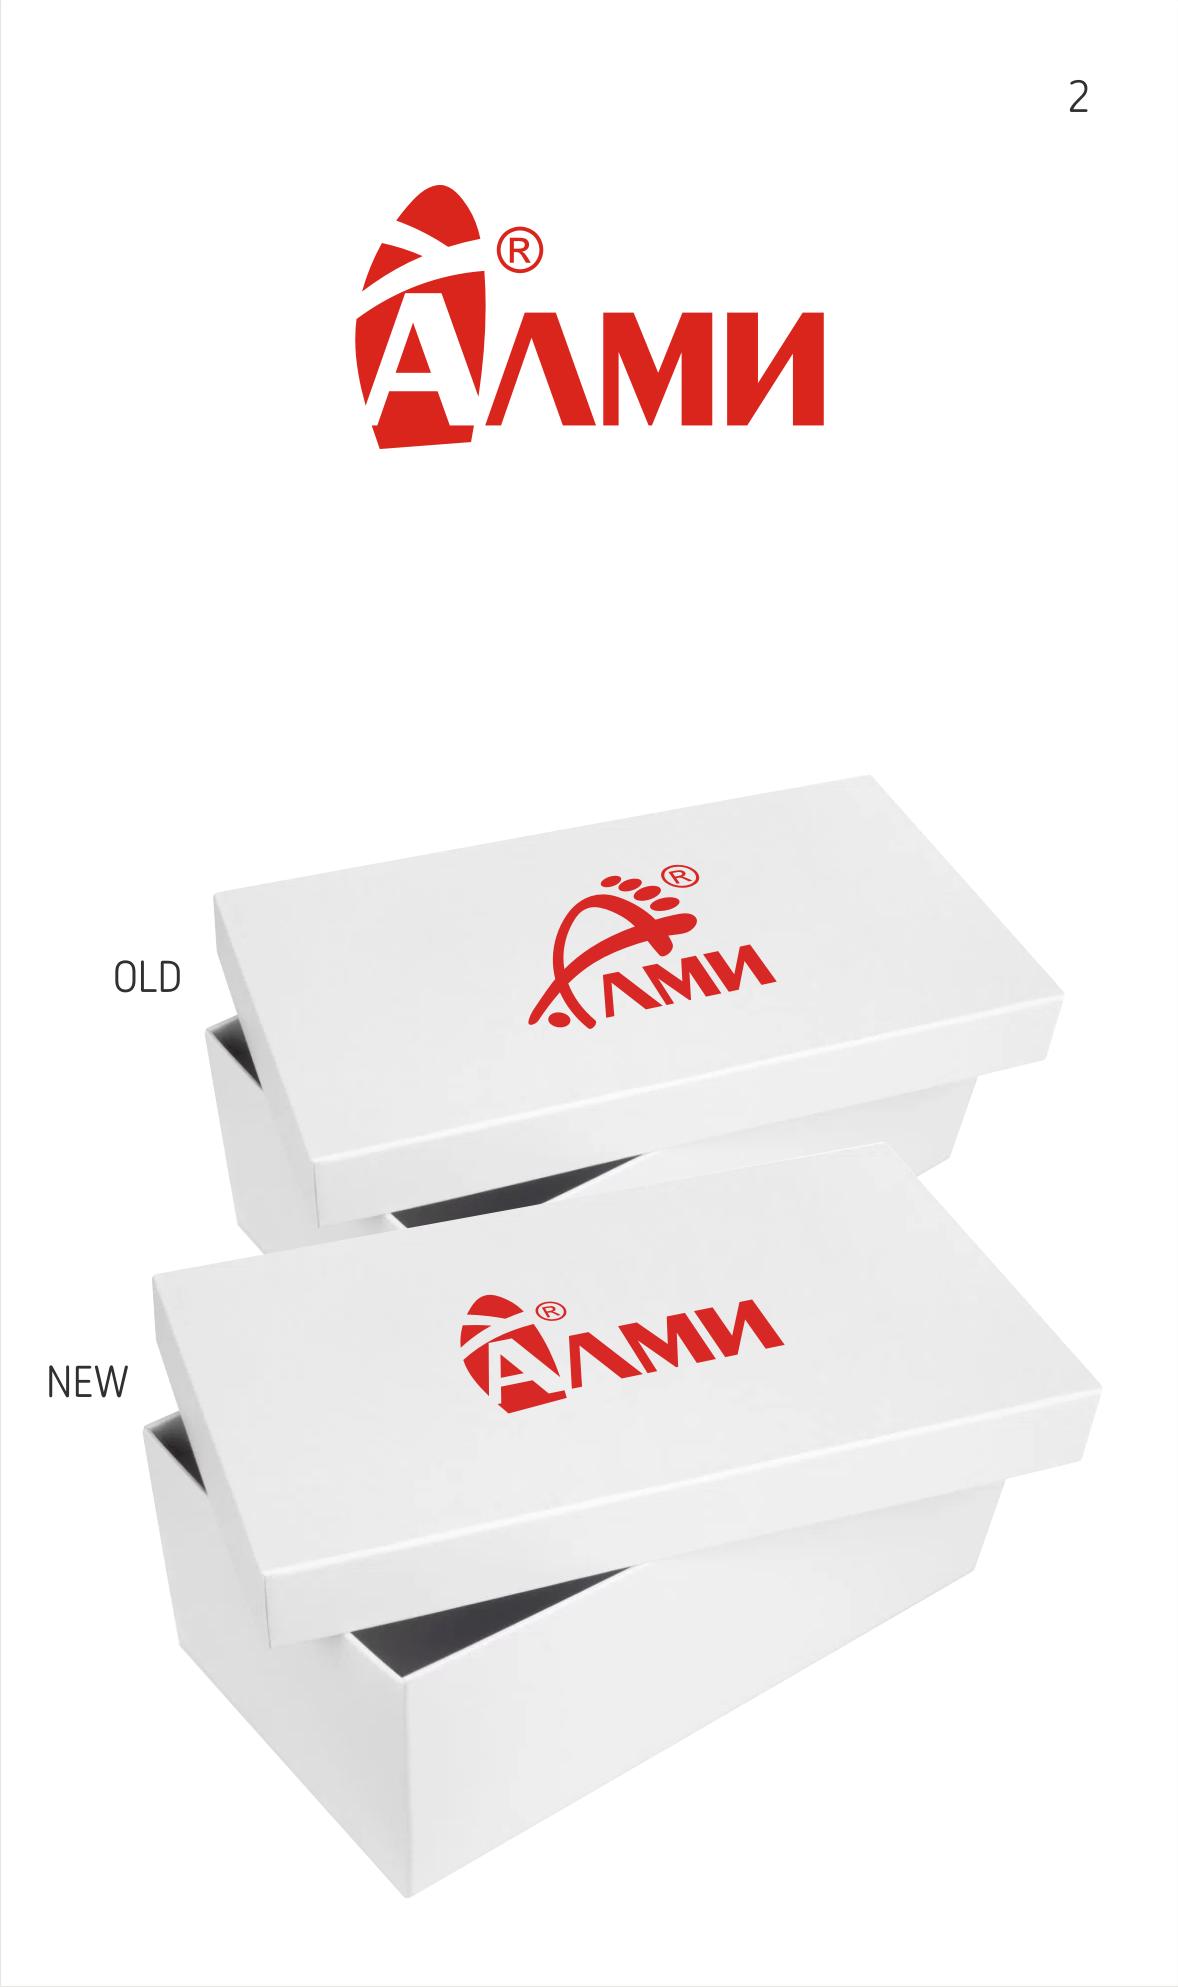 Дизайн логотипа обувной марки Алми фото f_11759f4415d7a16c.png